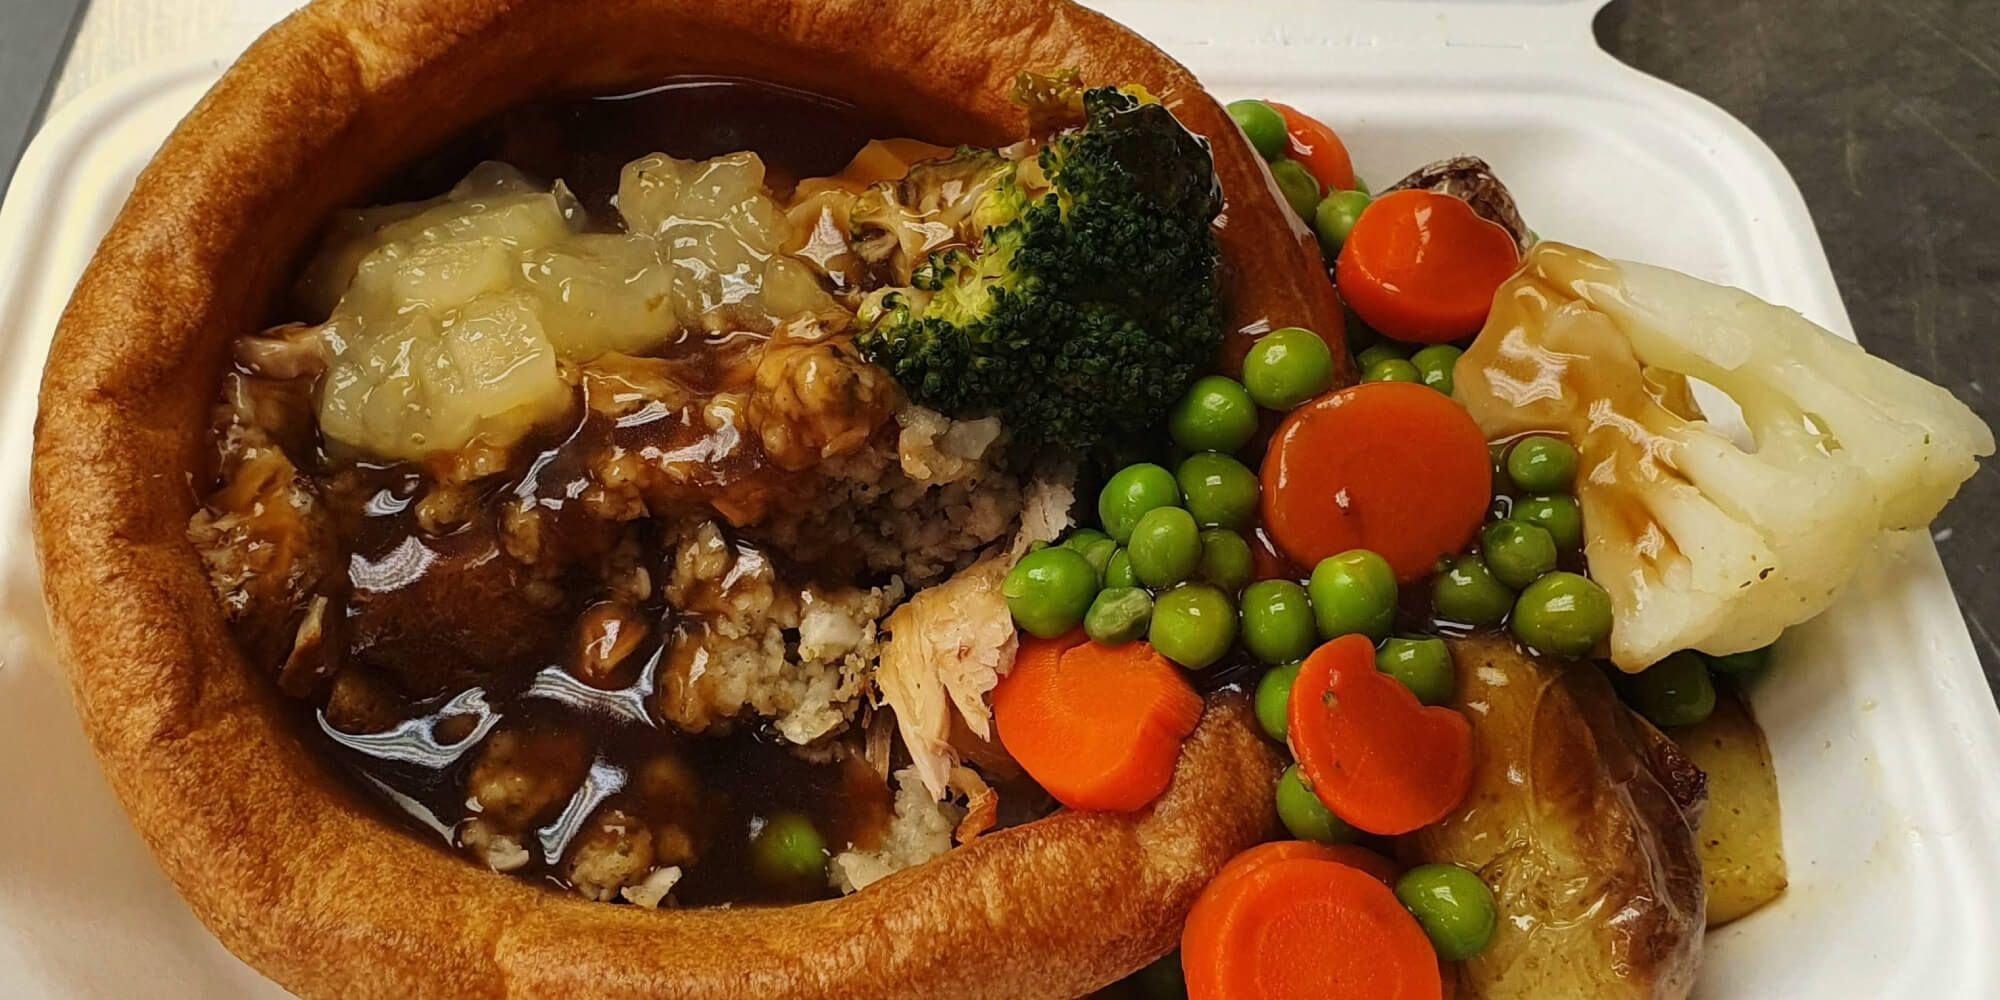 Roast dinner at Nosh